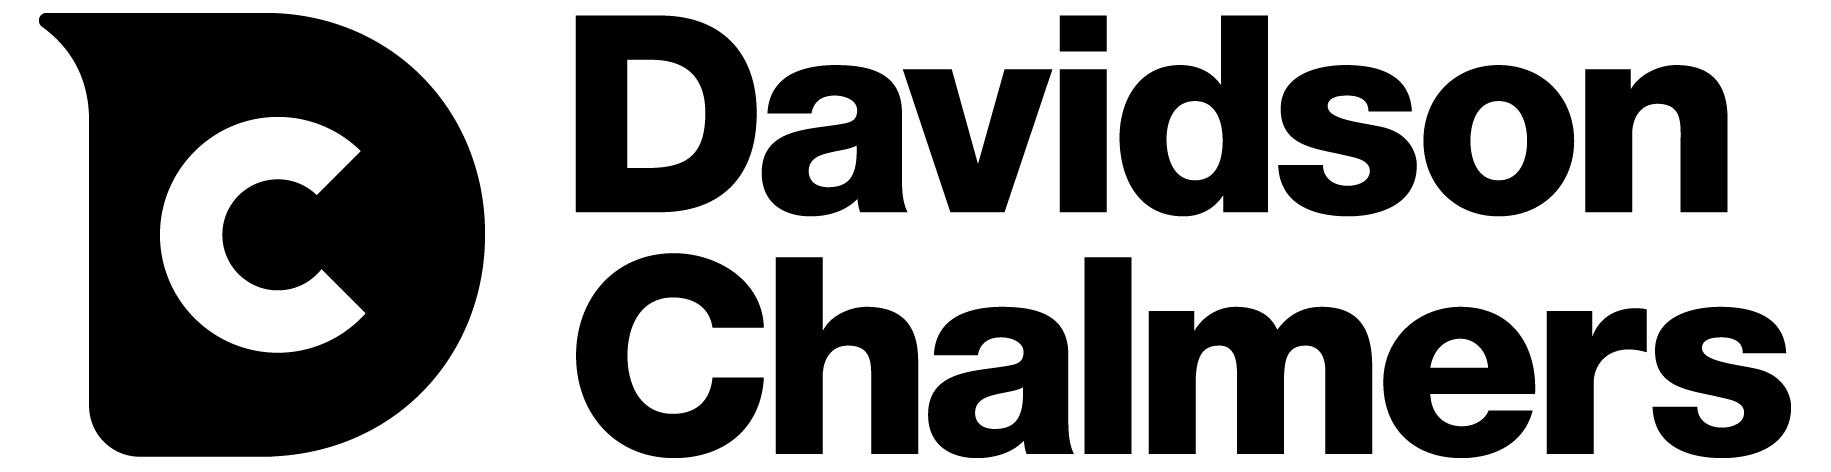 Davidson Chalmers logo